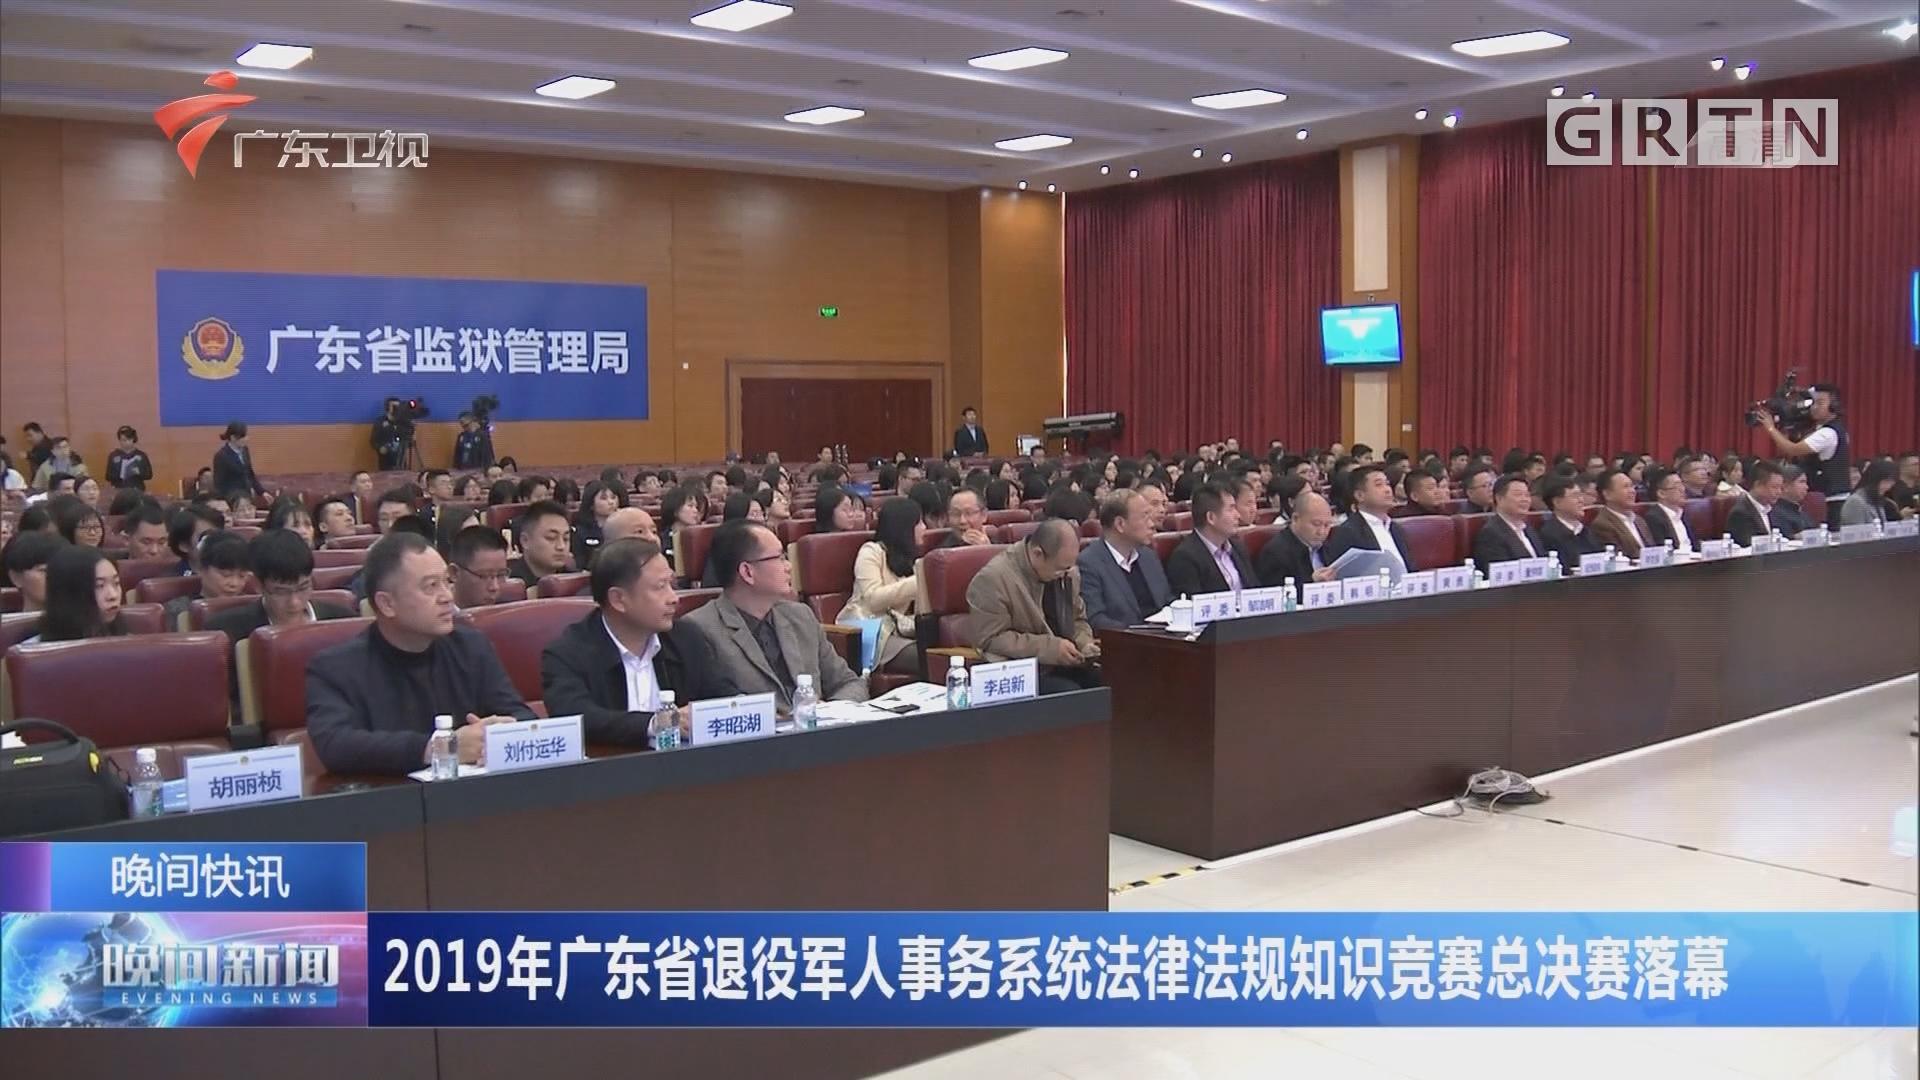 2019年广东省退役军人事务系统法律法规知识竞赛总决赛落幕